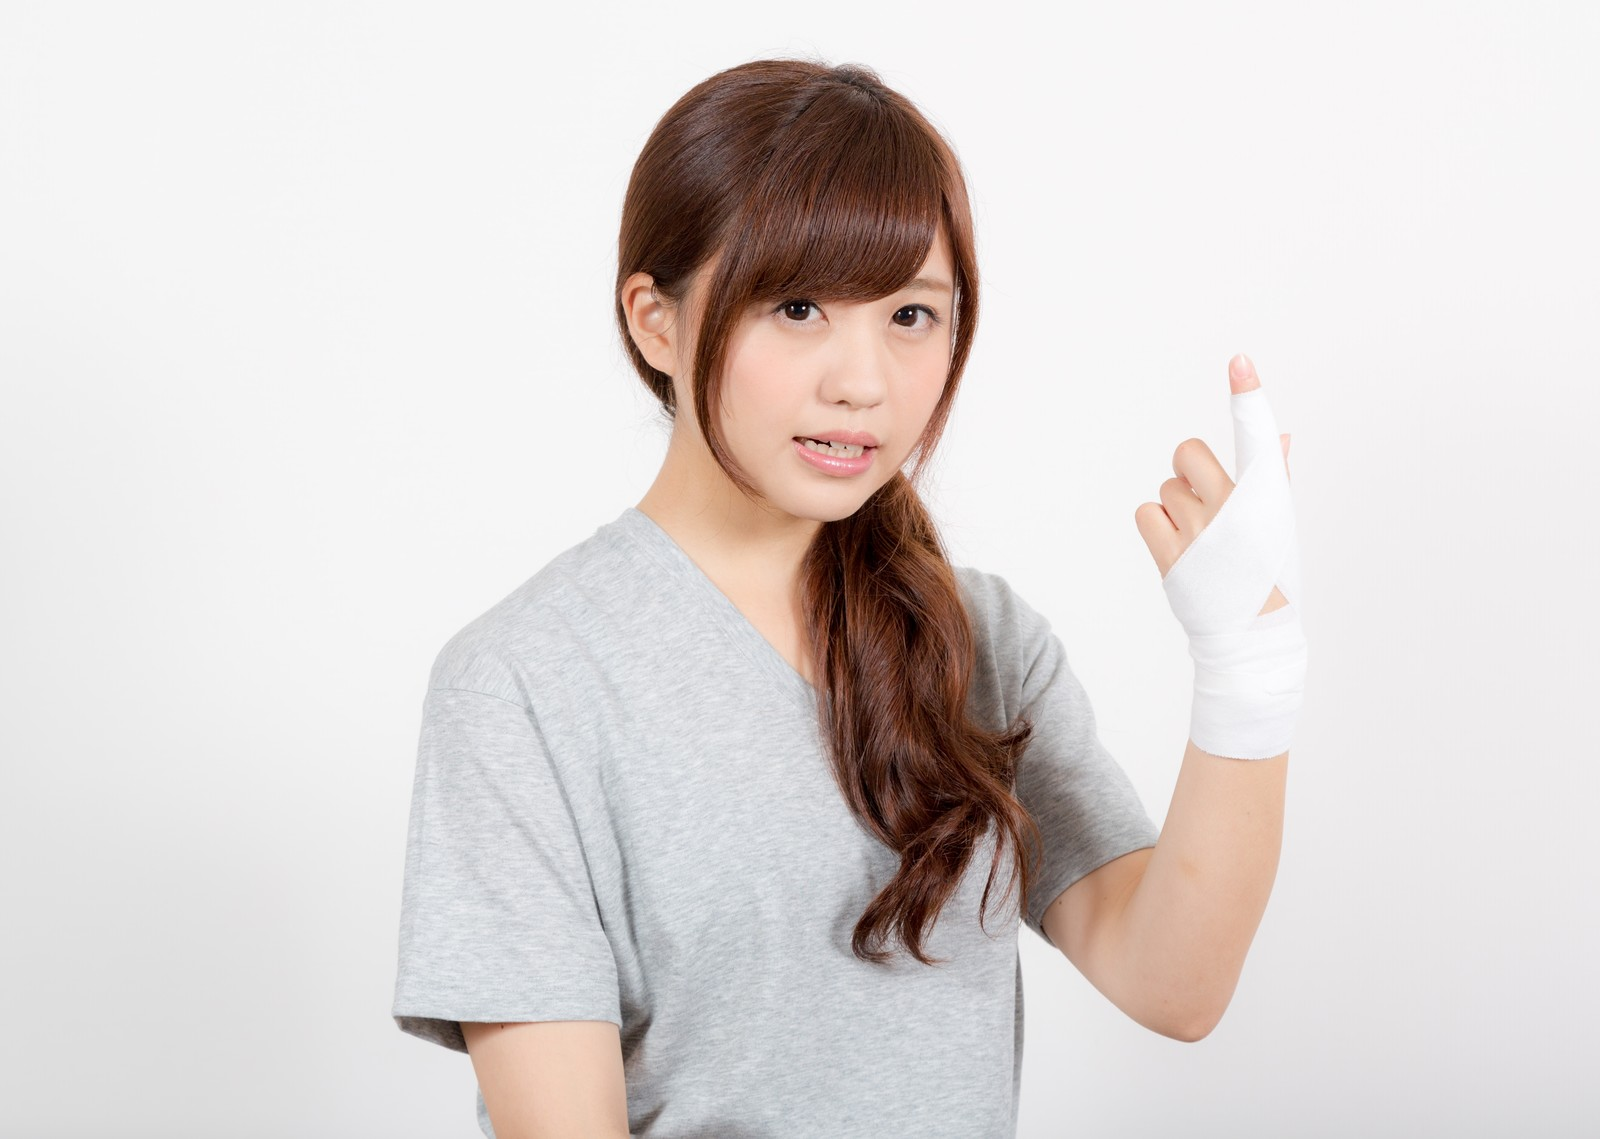 切り傷を早く治す!跡が残りにくい最新手当を顔のケガで実践してみた!